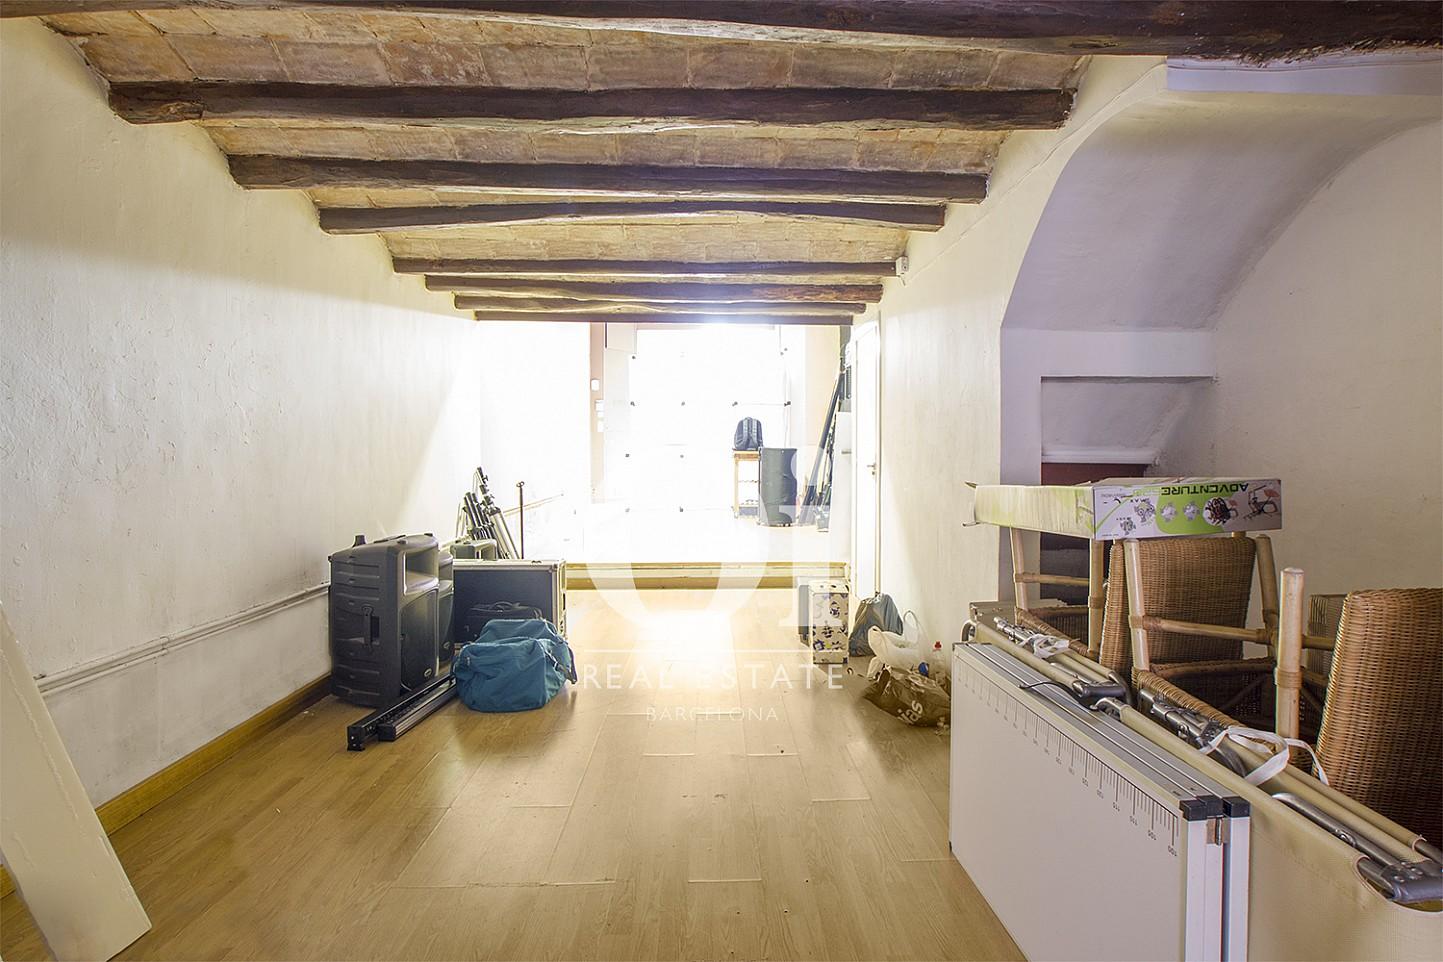 Estancia con techo de viga vista de dúplex en venta en Poblenou, Barcelona